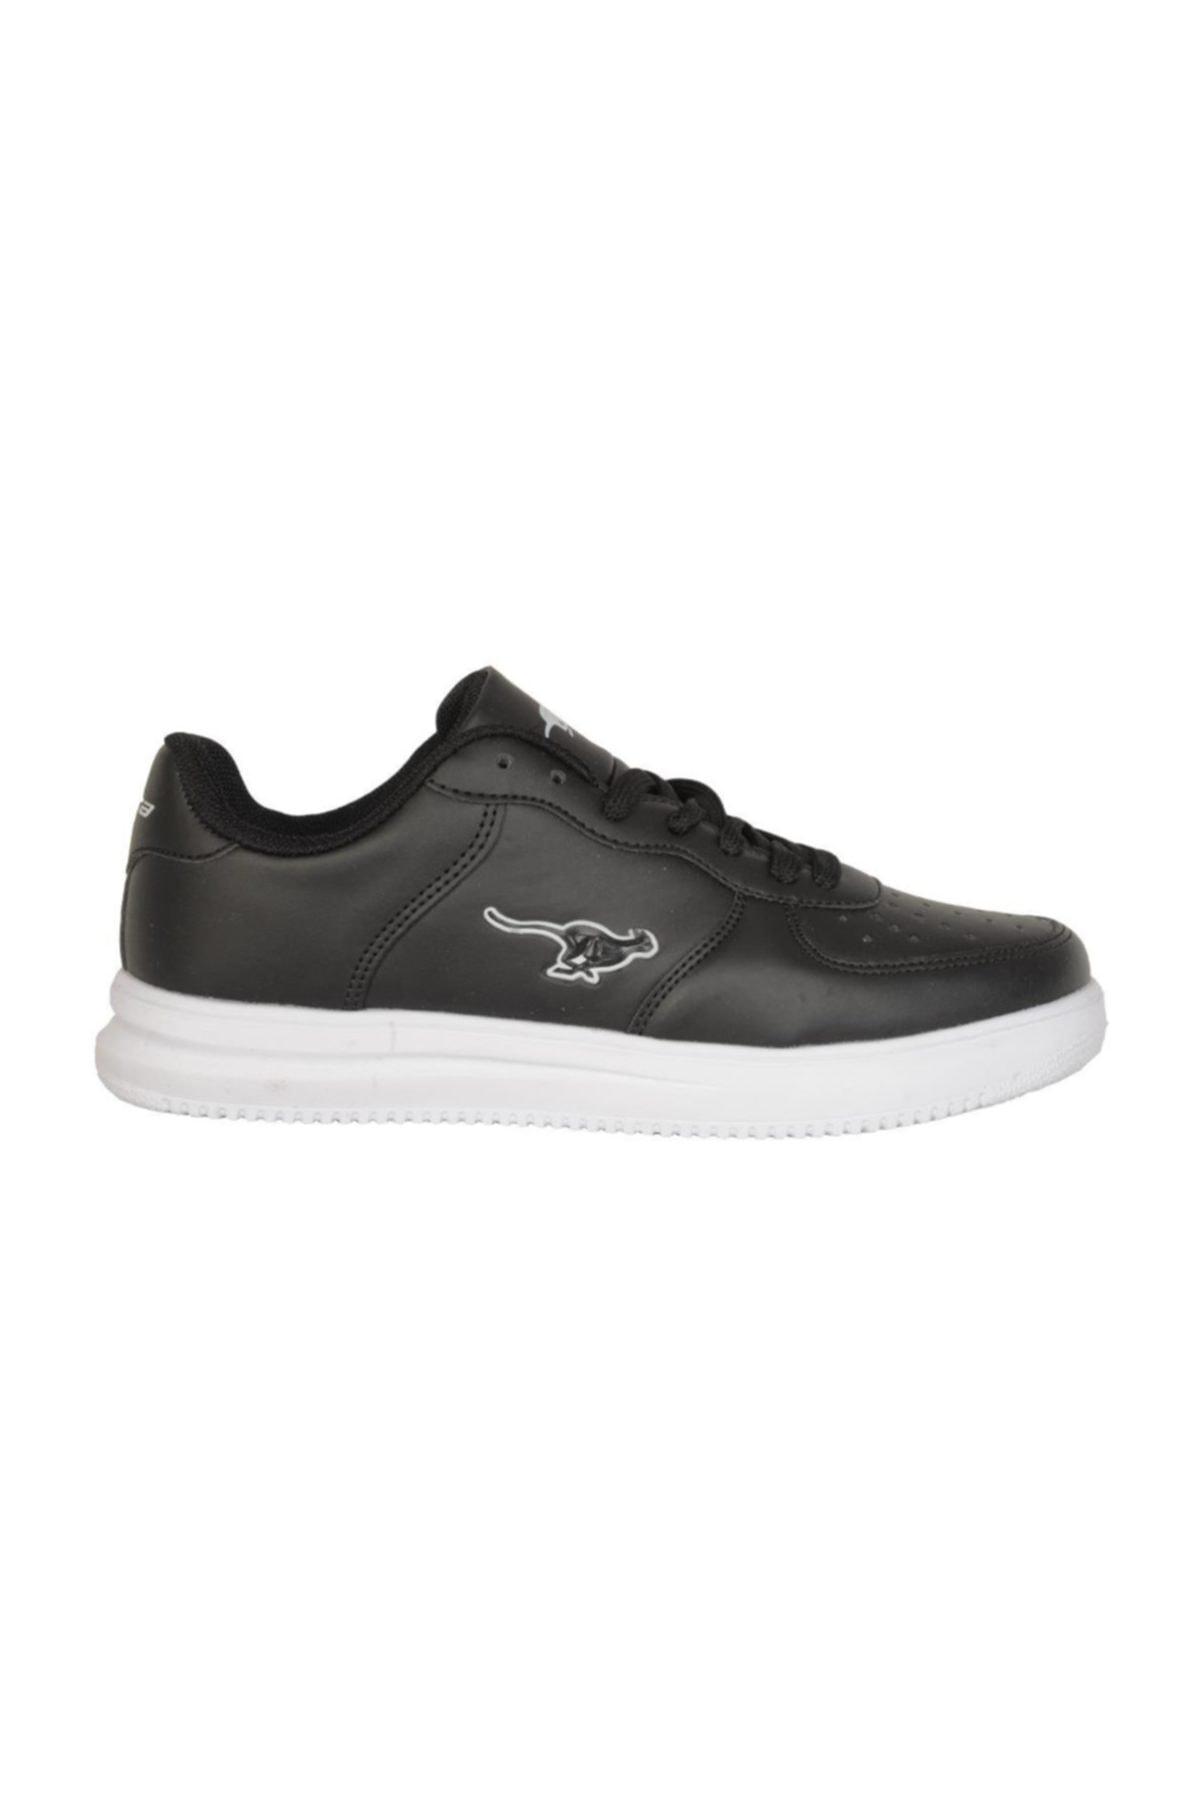 Cheta C042 Siyah-Beyaz Günlük Yürüyüş Kadın Spor Ayakkabı 1